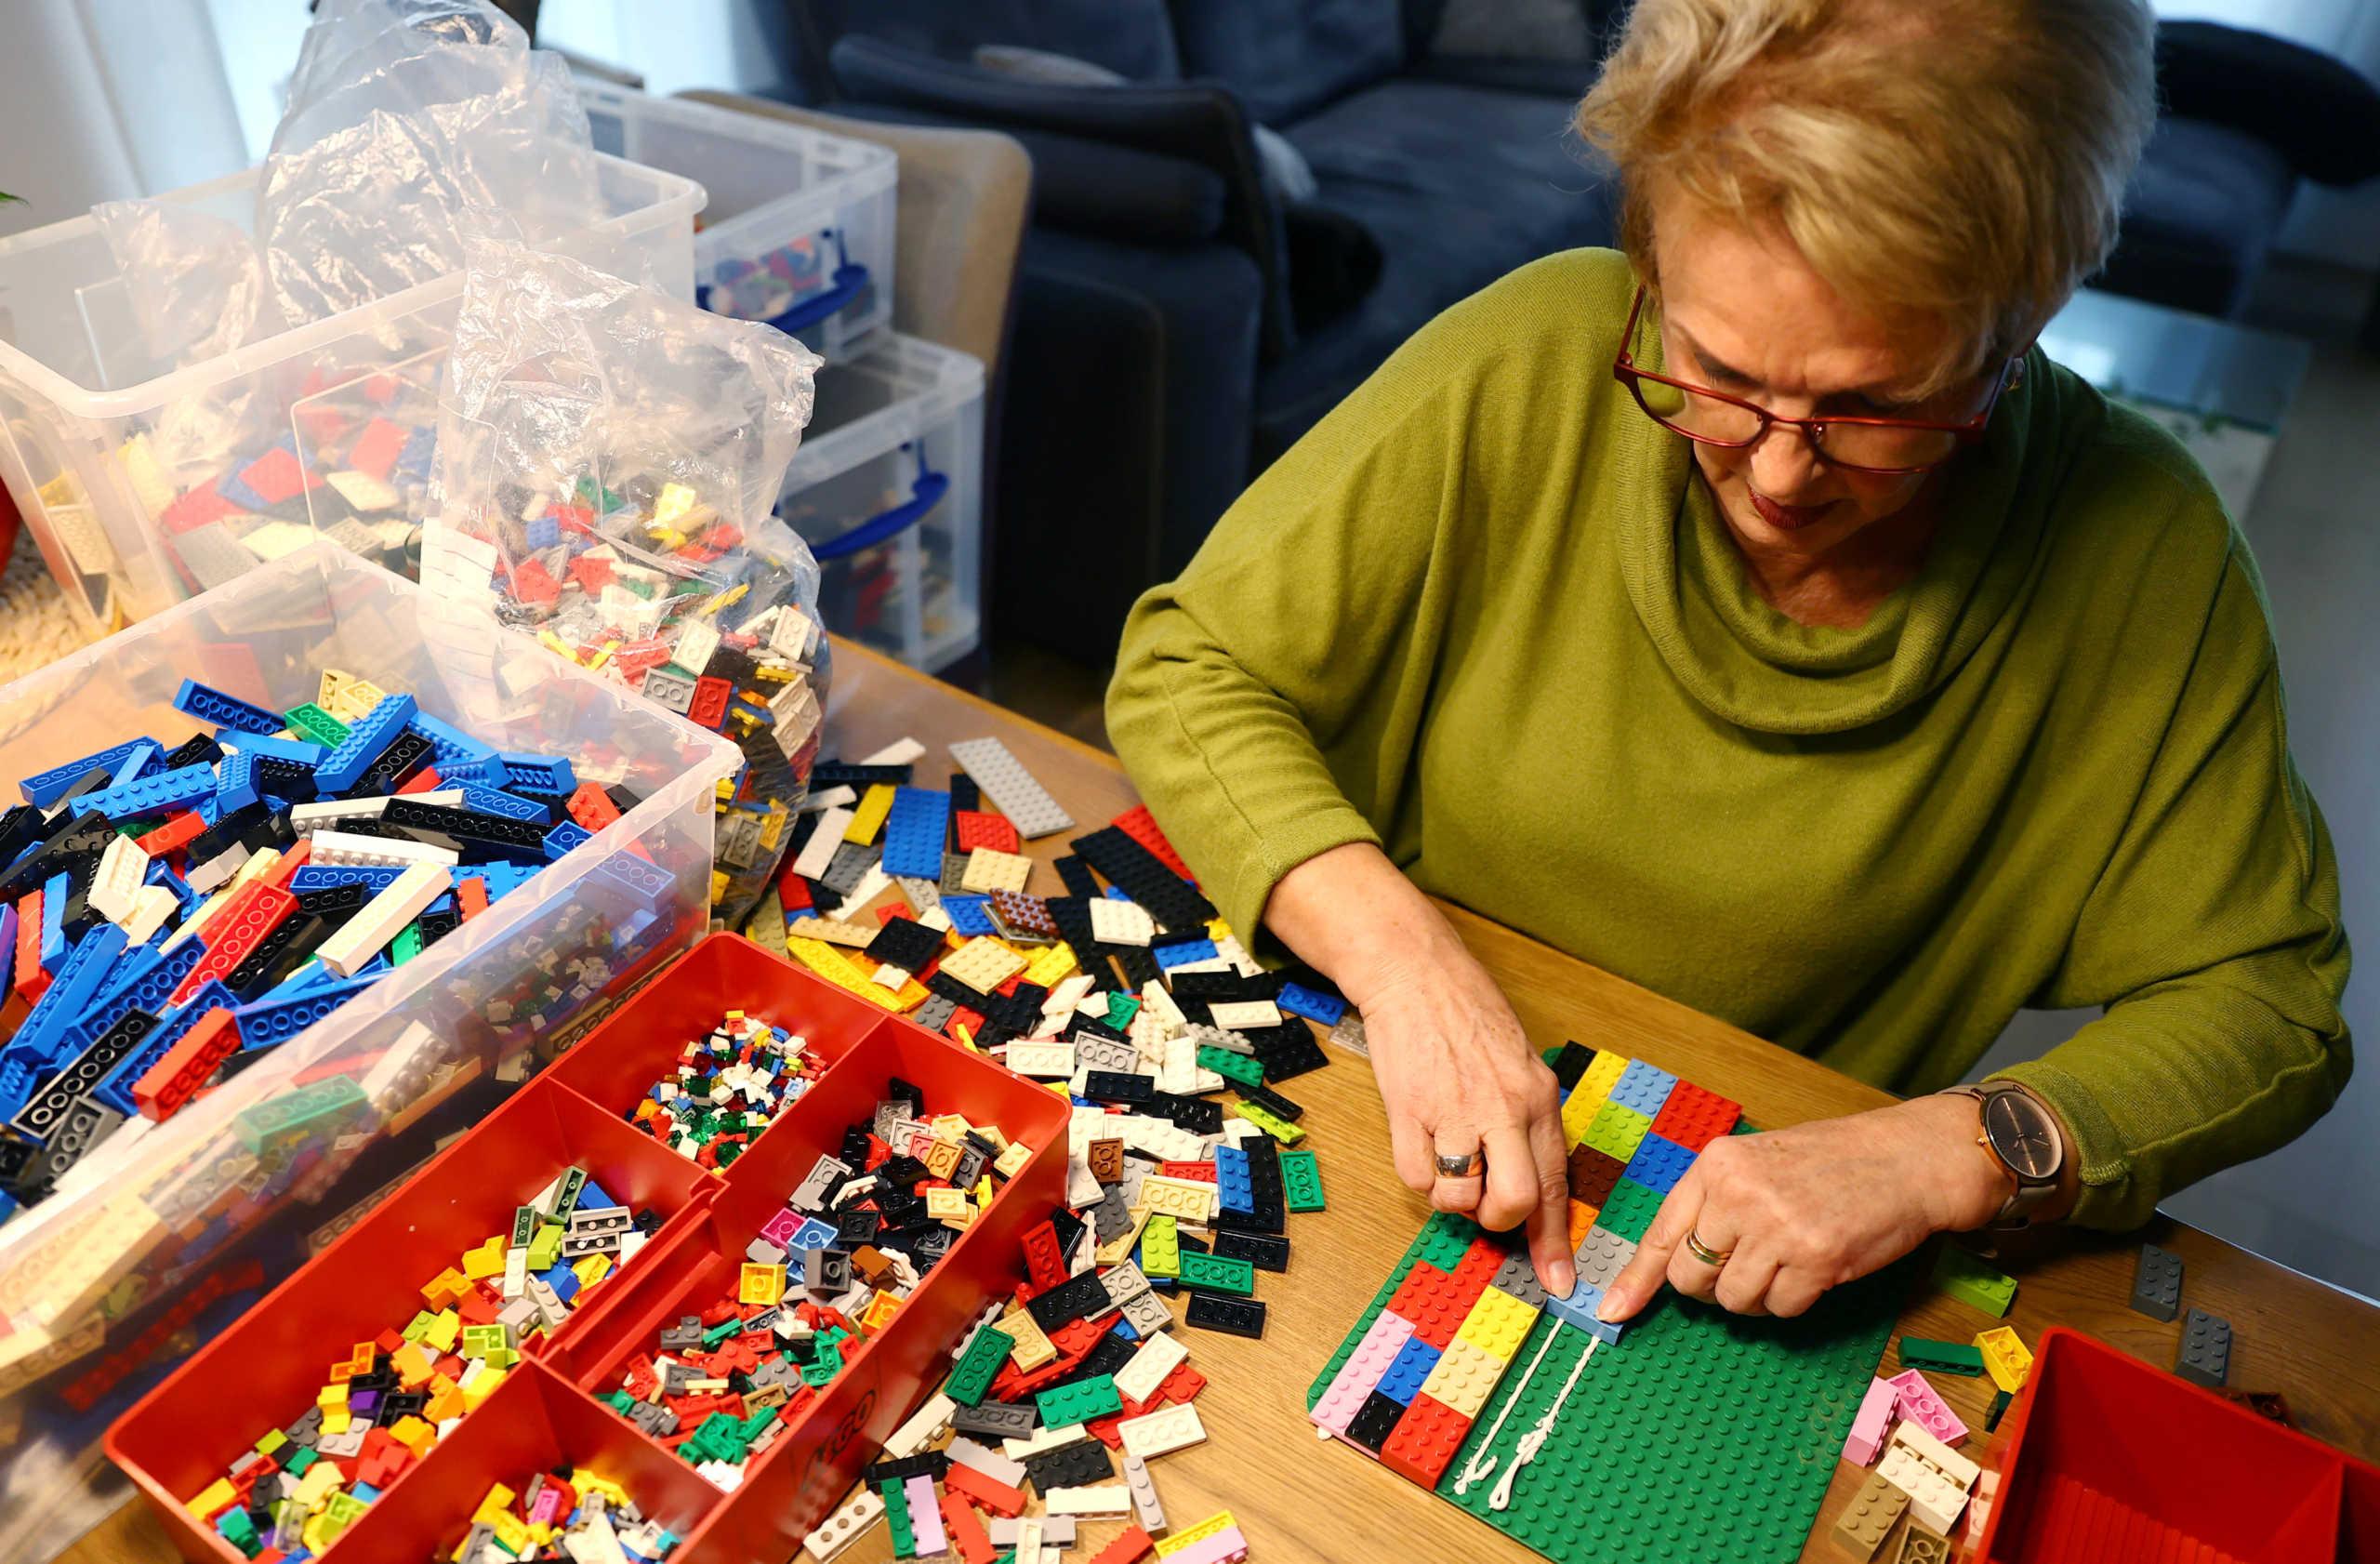 Η Ρίτα Έμπελ ενώ φτιάχνει τις ράμπες